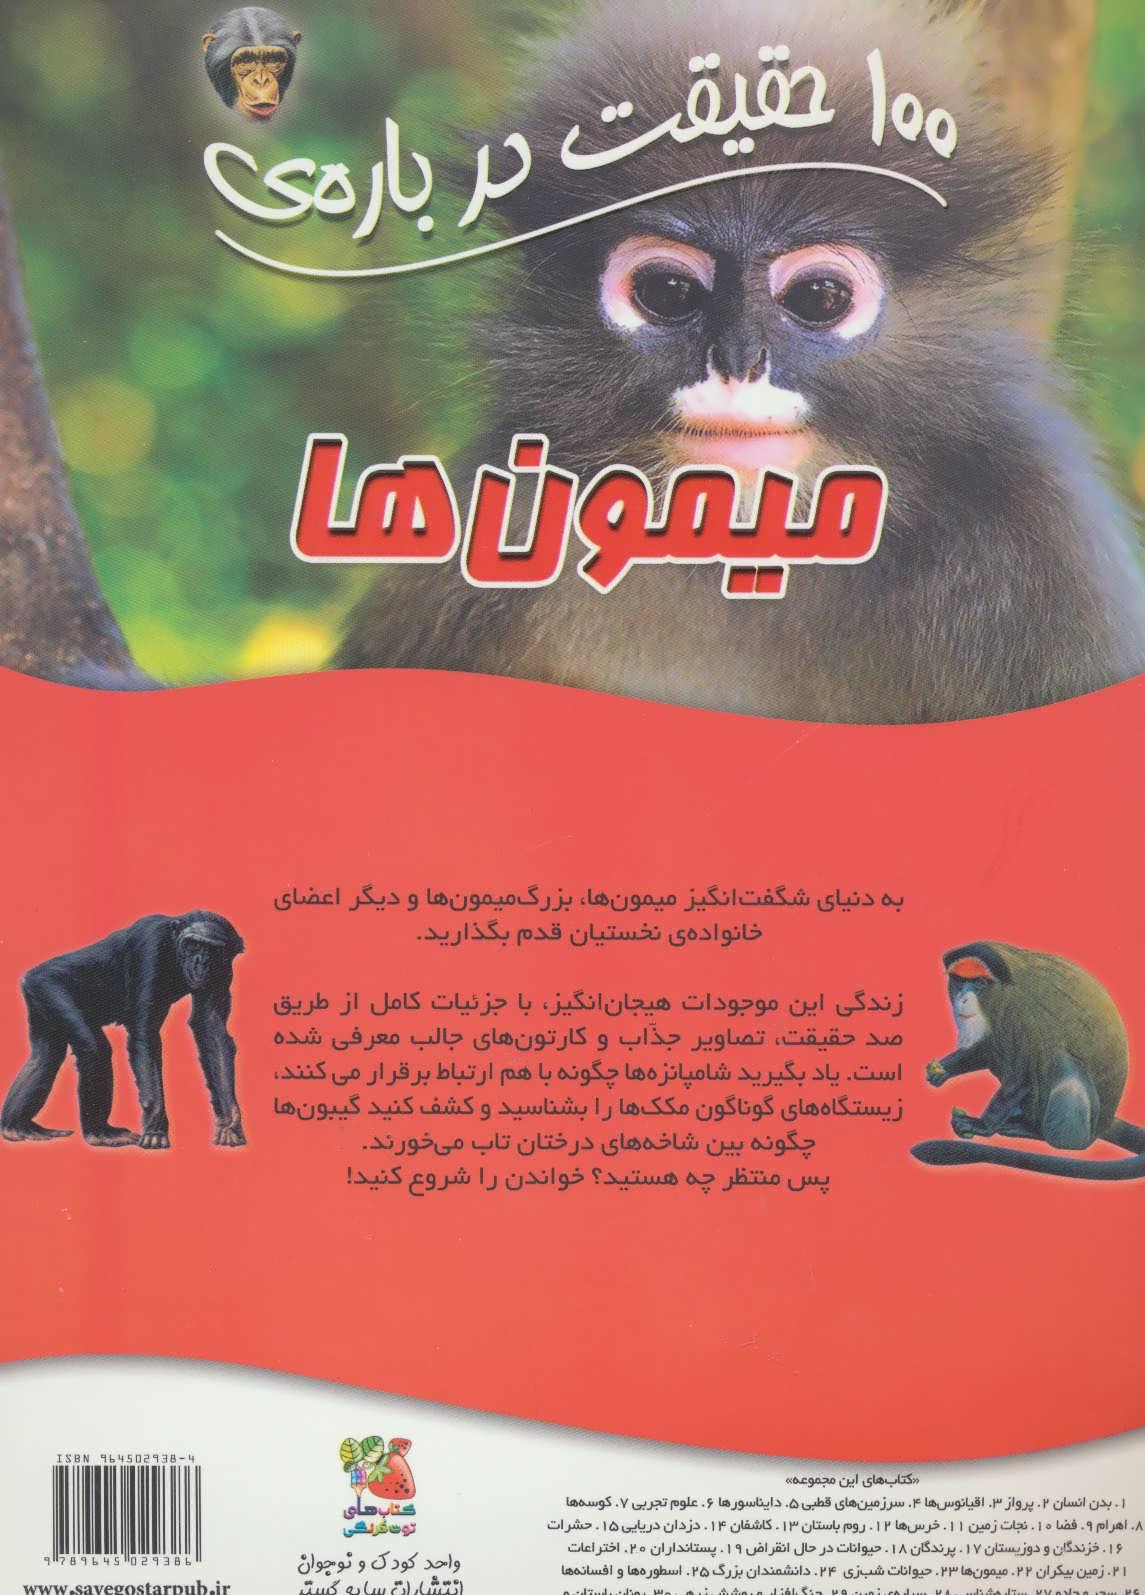 100 حقیقت22 (درباره ی میمون ها)،(گلاسه)